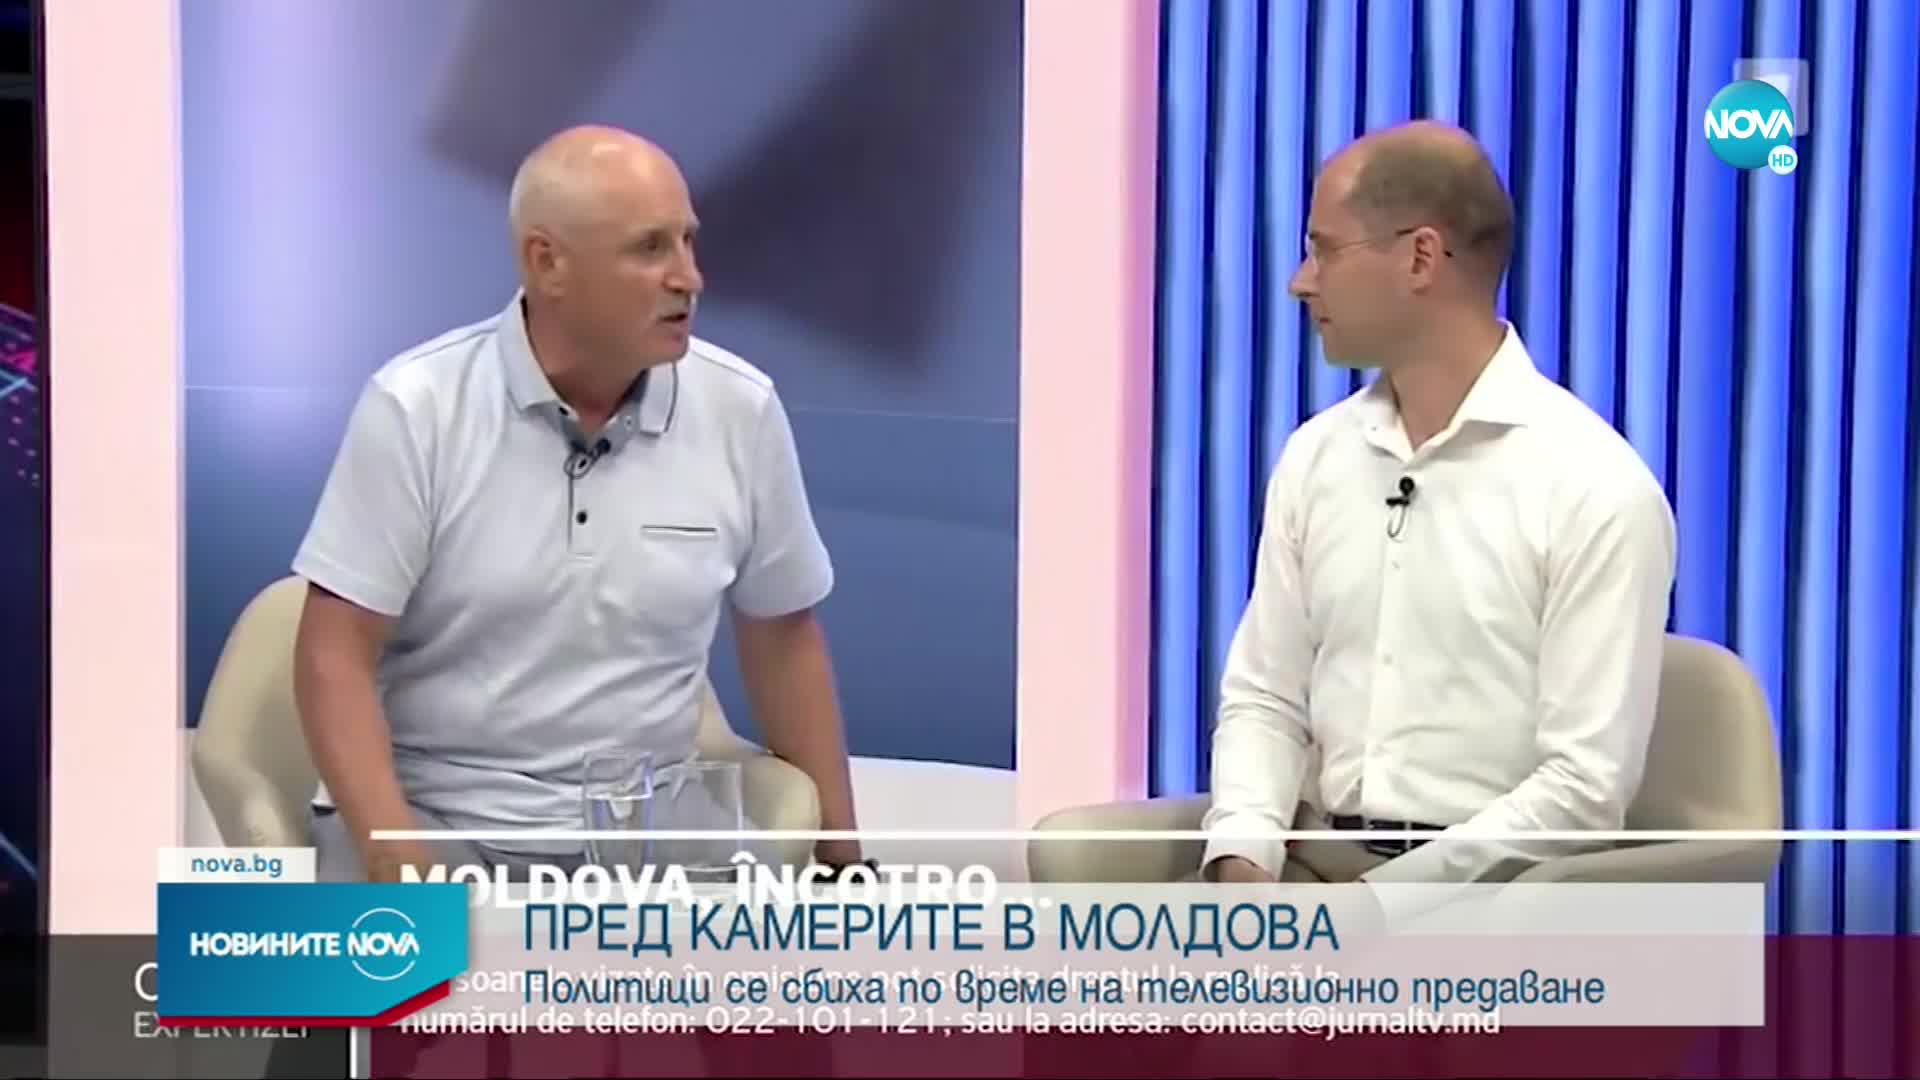 Политици се сбиха по време на TV дебат в Молдова